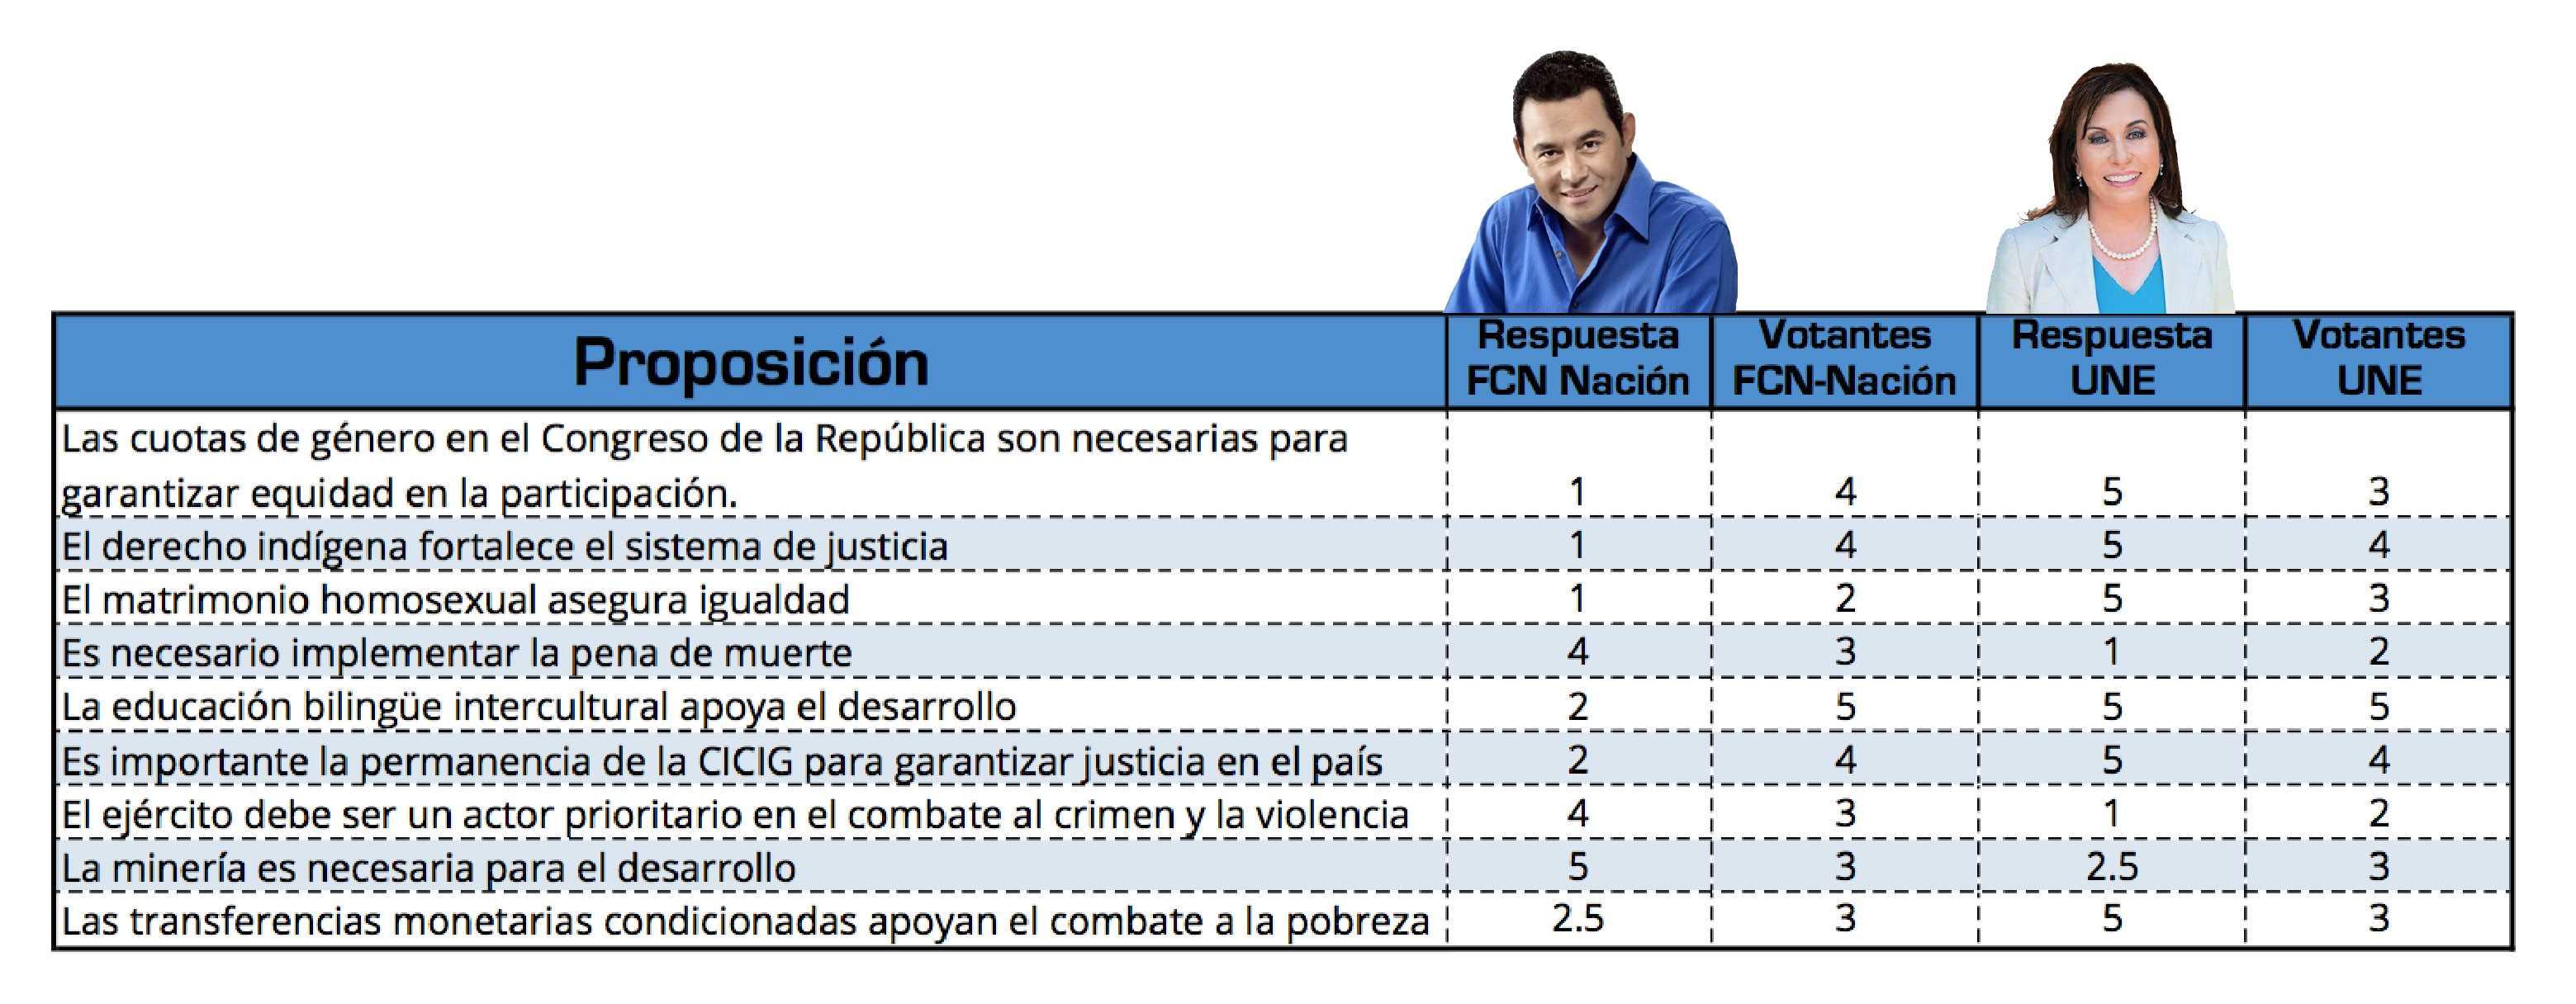 Perfil-Votantes-03